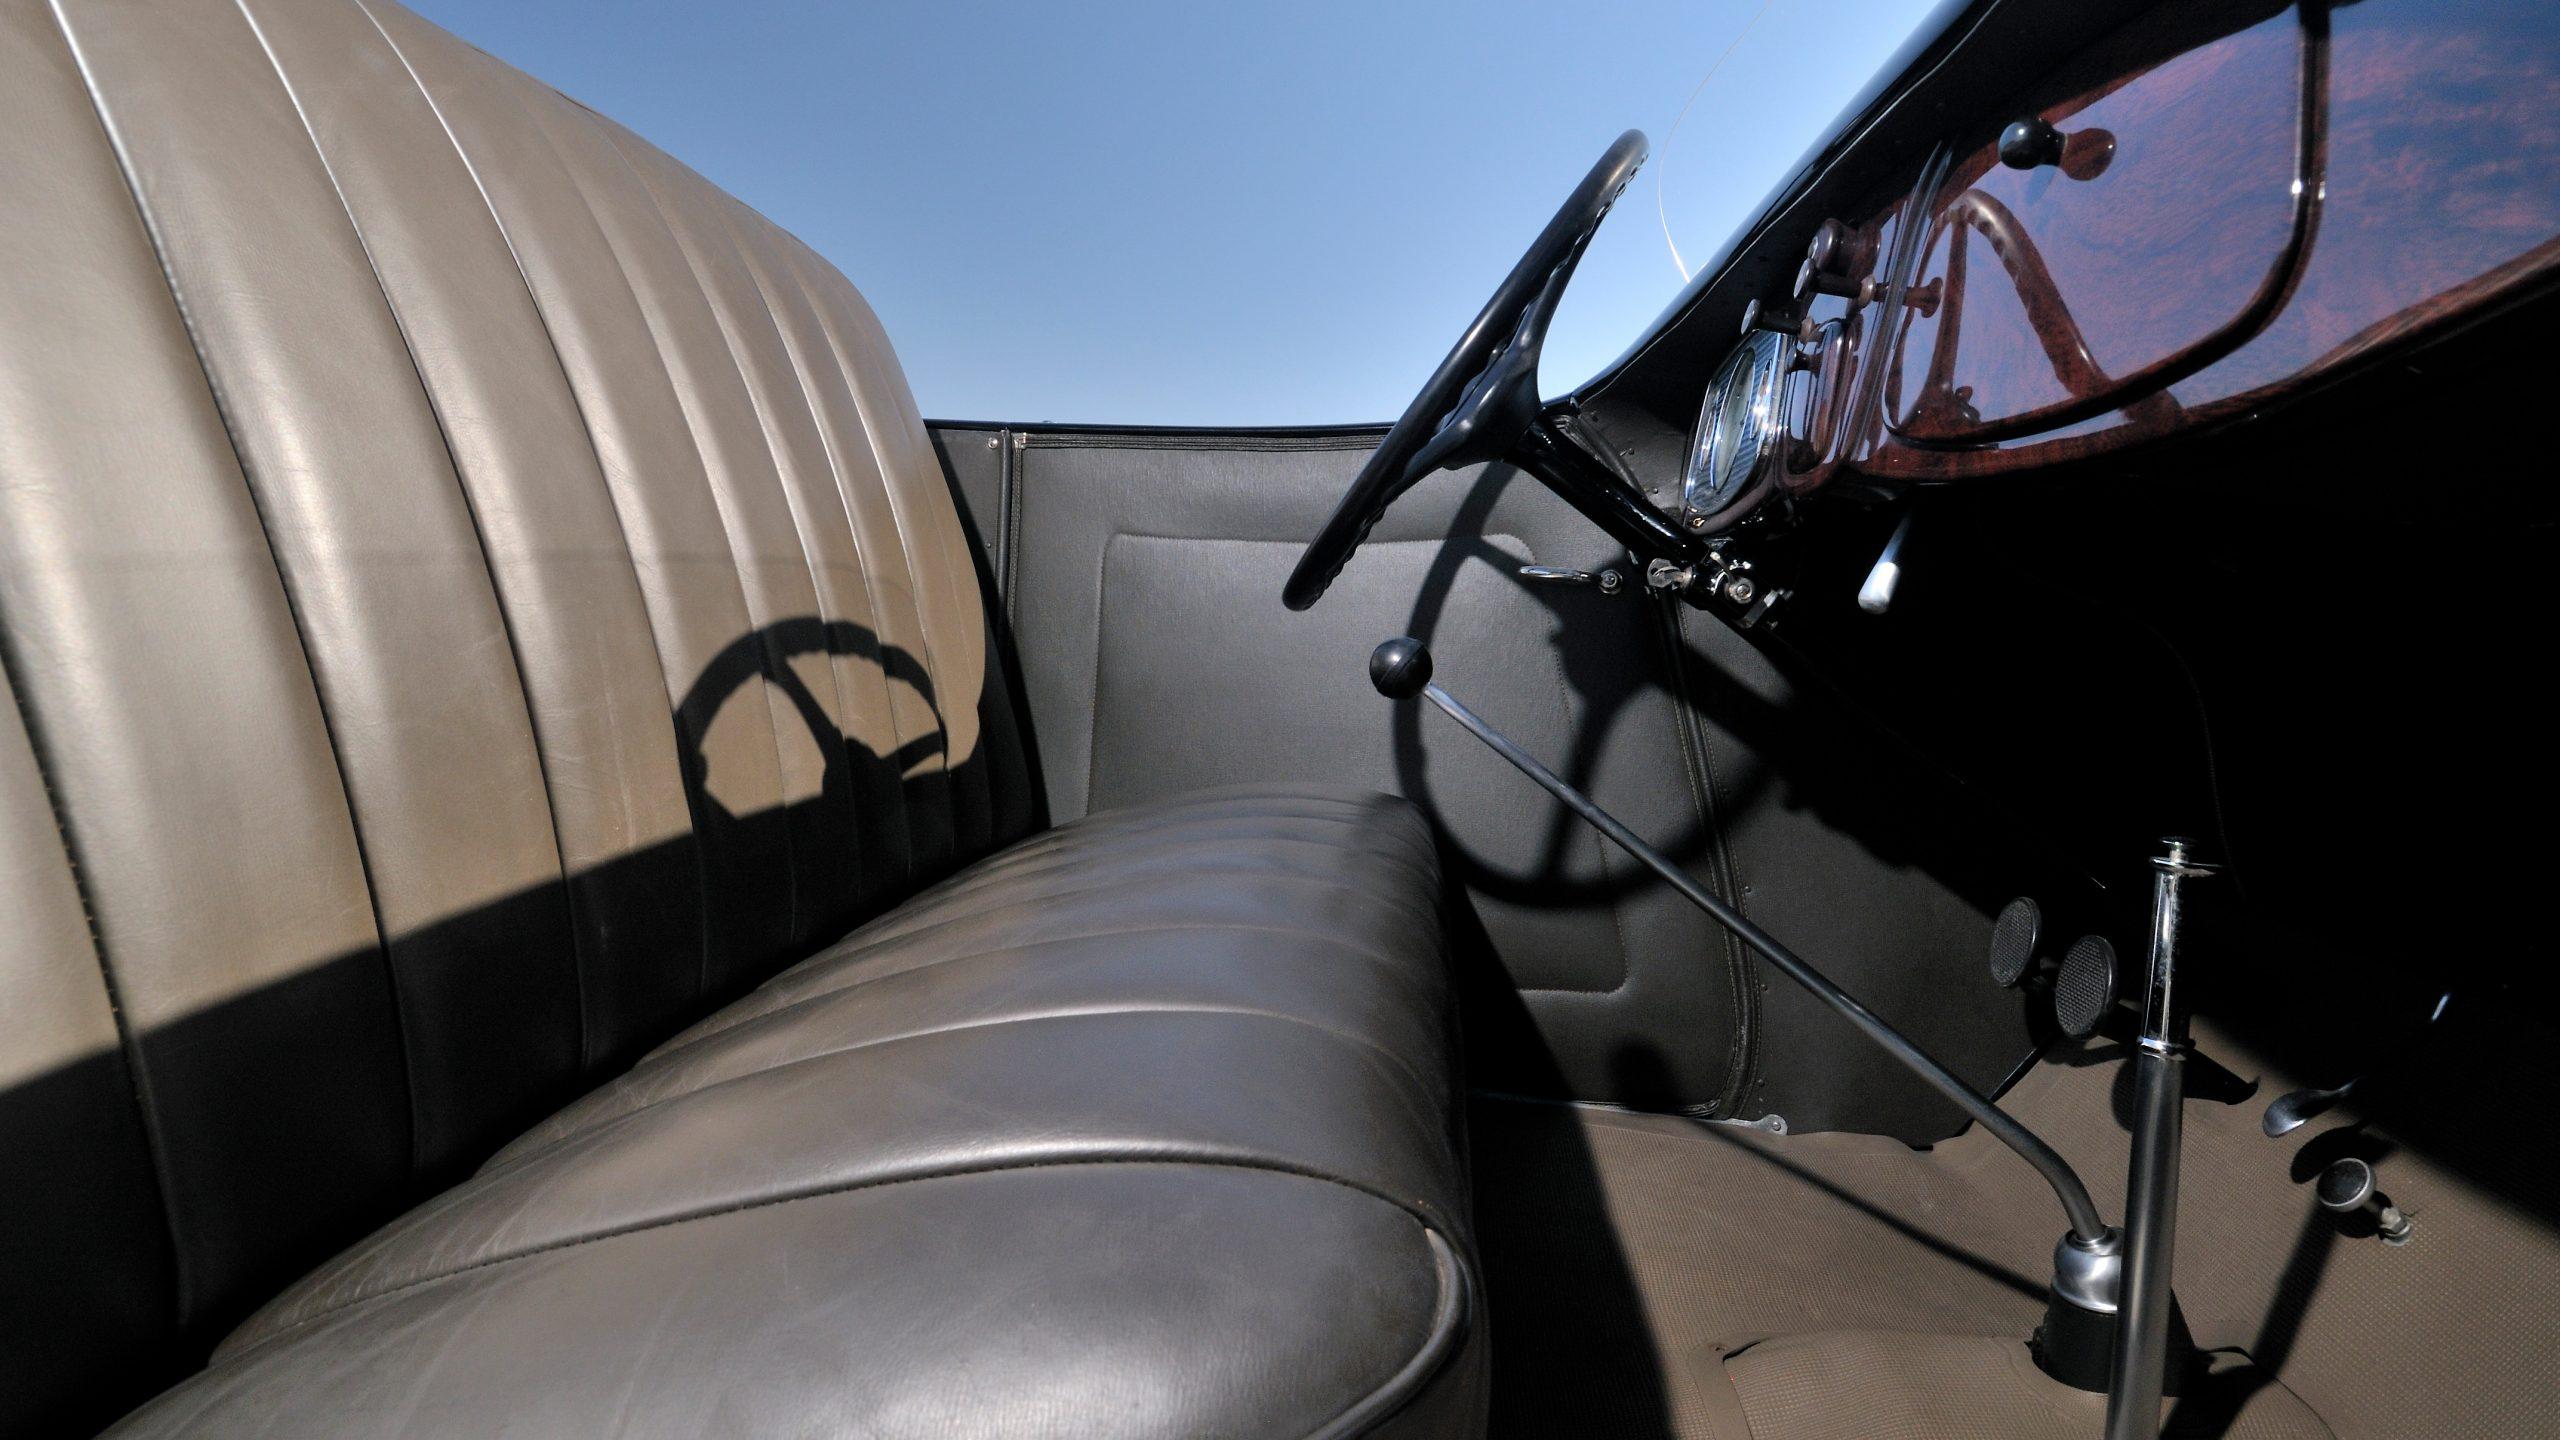 1933 Ford roadster Elgin race car interior